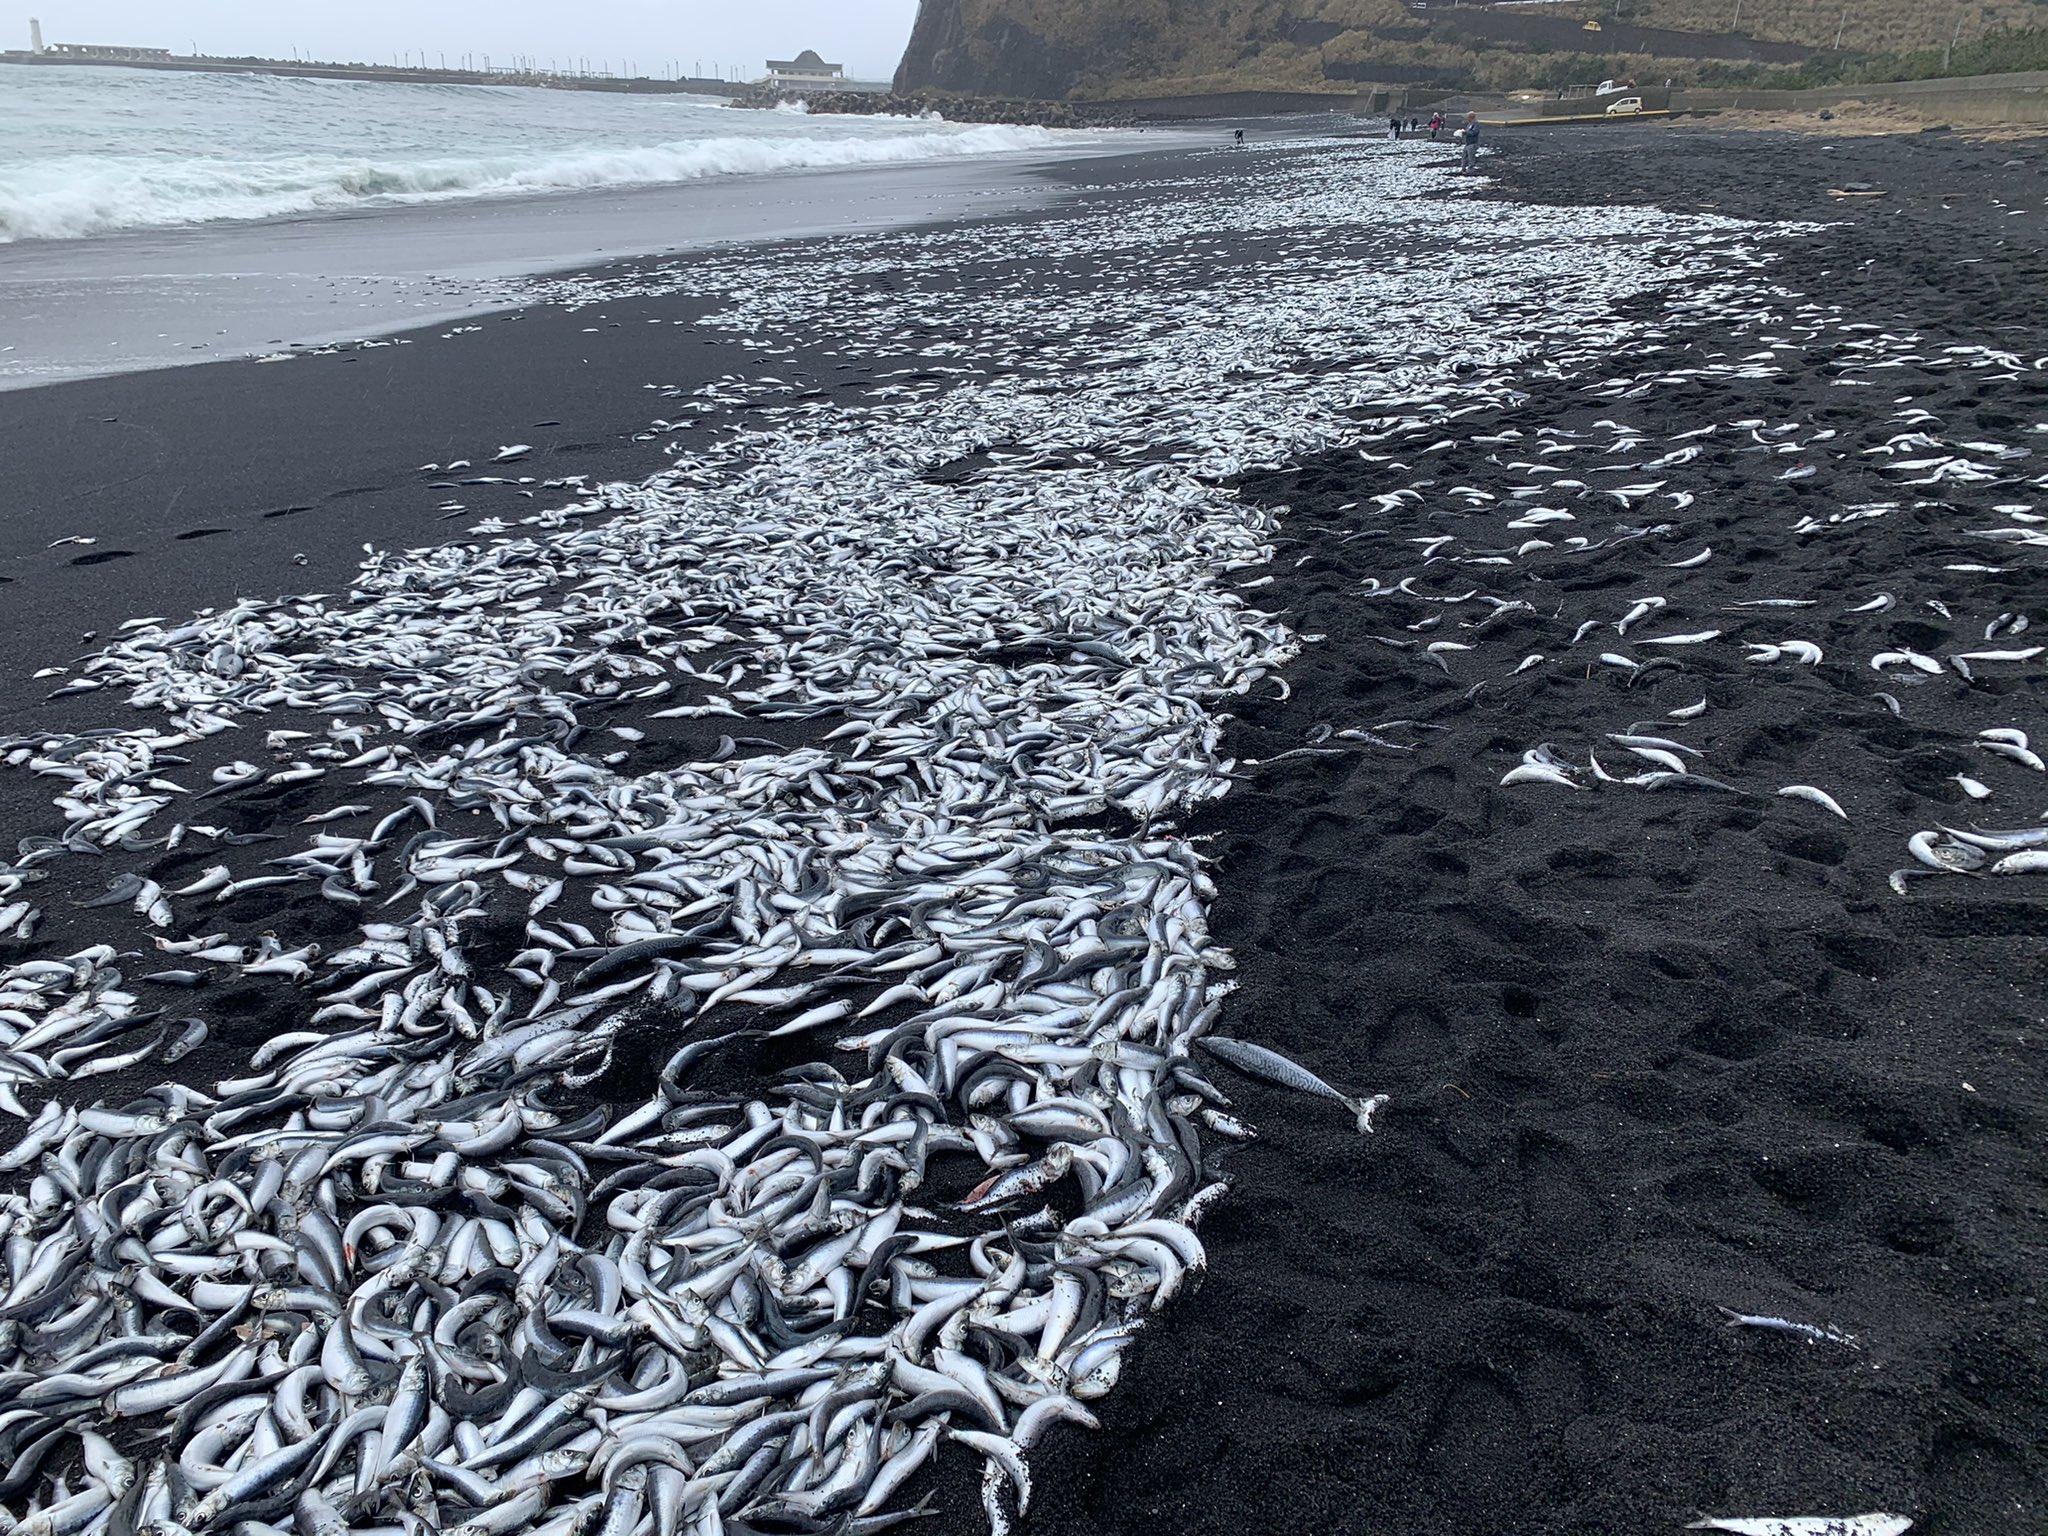 三宅島に大量の鯖が打ち上げられている画像